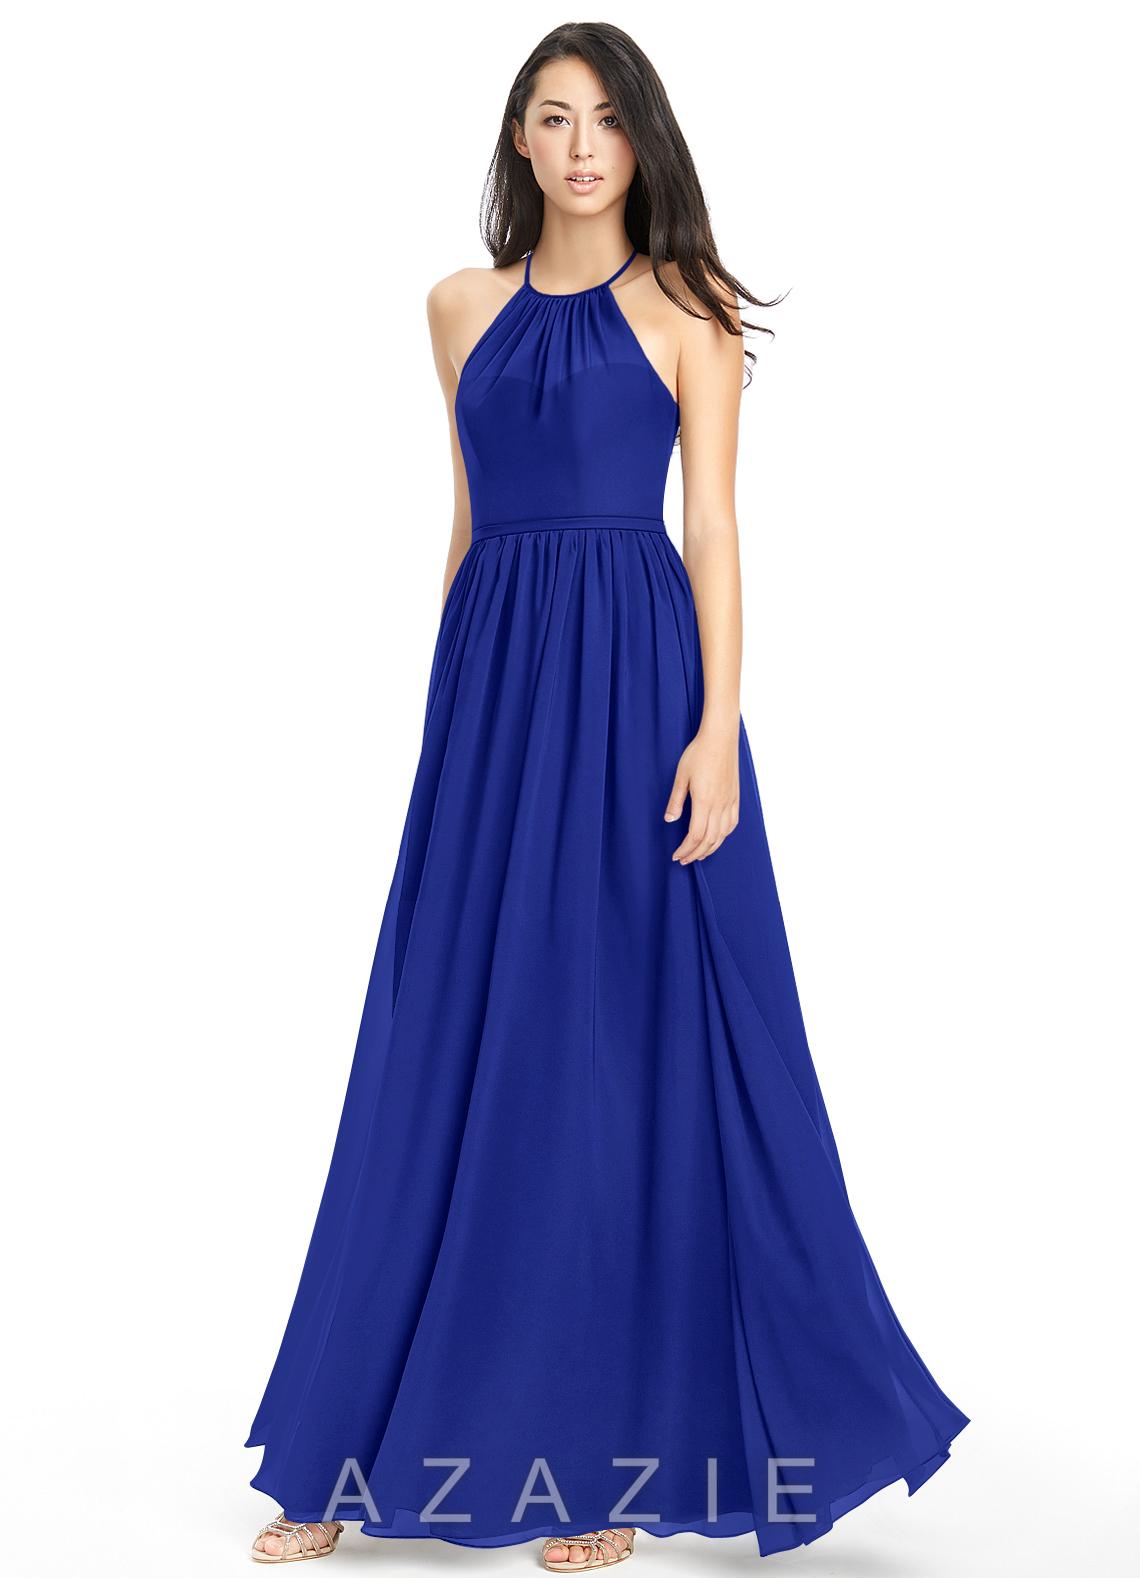 Lapis bridesmaid dresses dress yp lapis bridesmaid dresses amp lapis gowns azazie ombrellifo Images